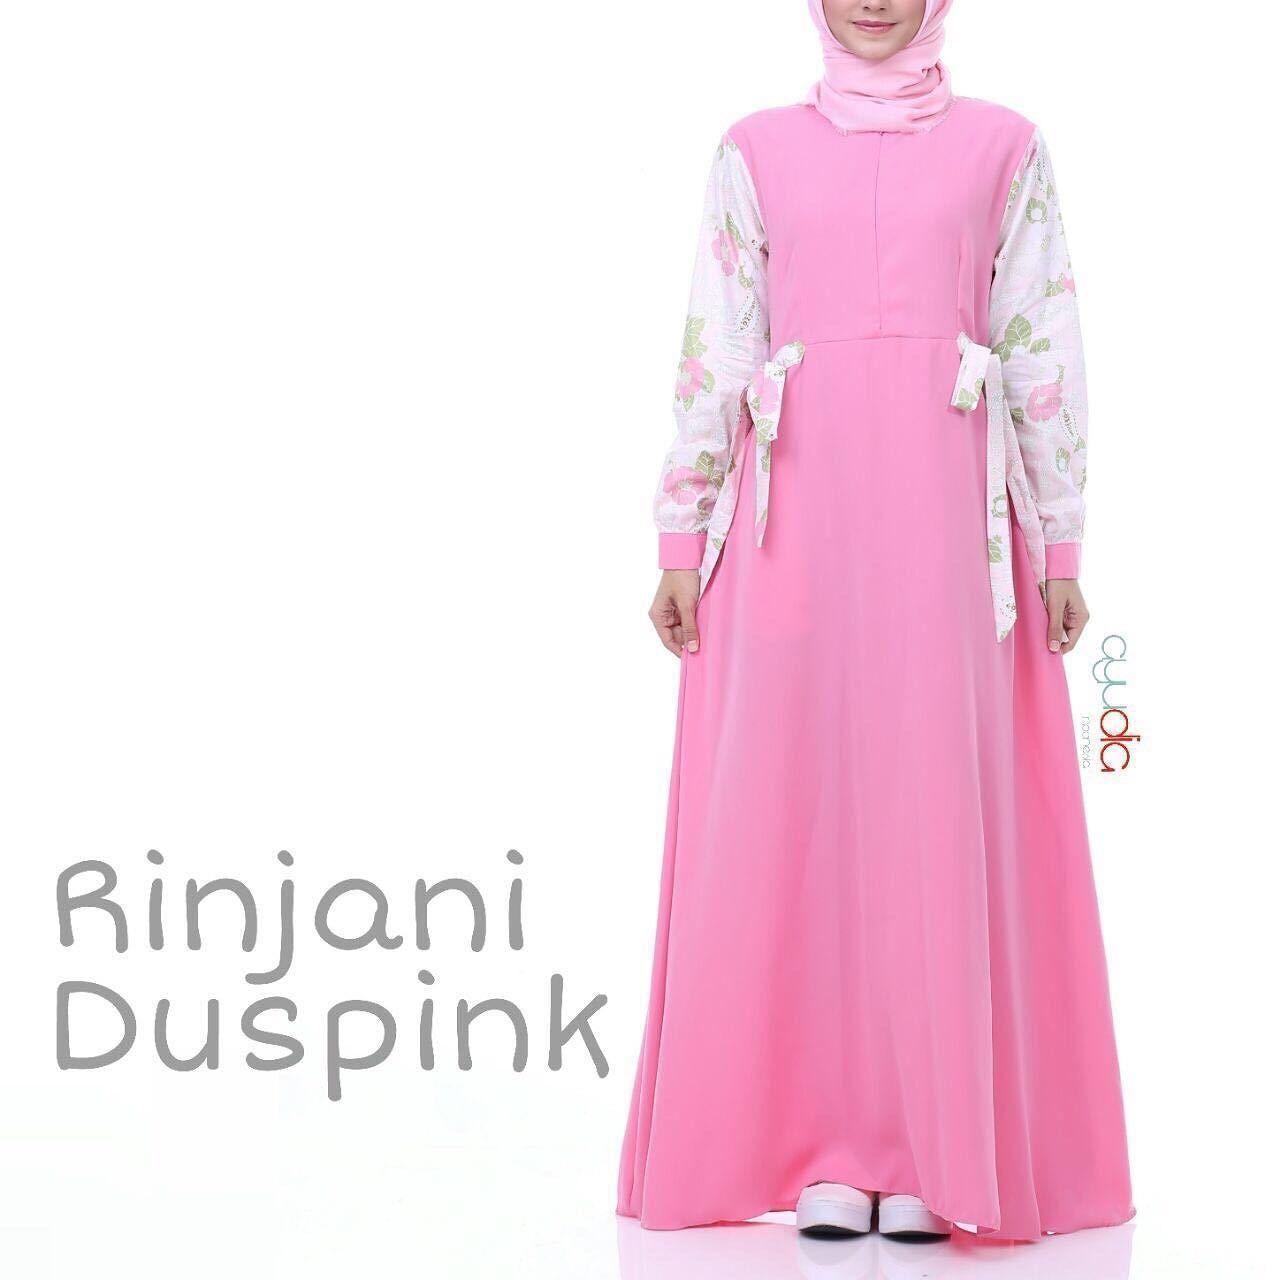 Gamis Ayudia Rinjani Duspink - baju muslim wanita baju muslimah Untukmu  yang cantik syari dan trendy eff070a9dd